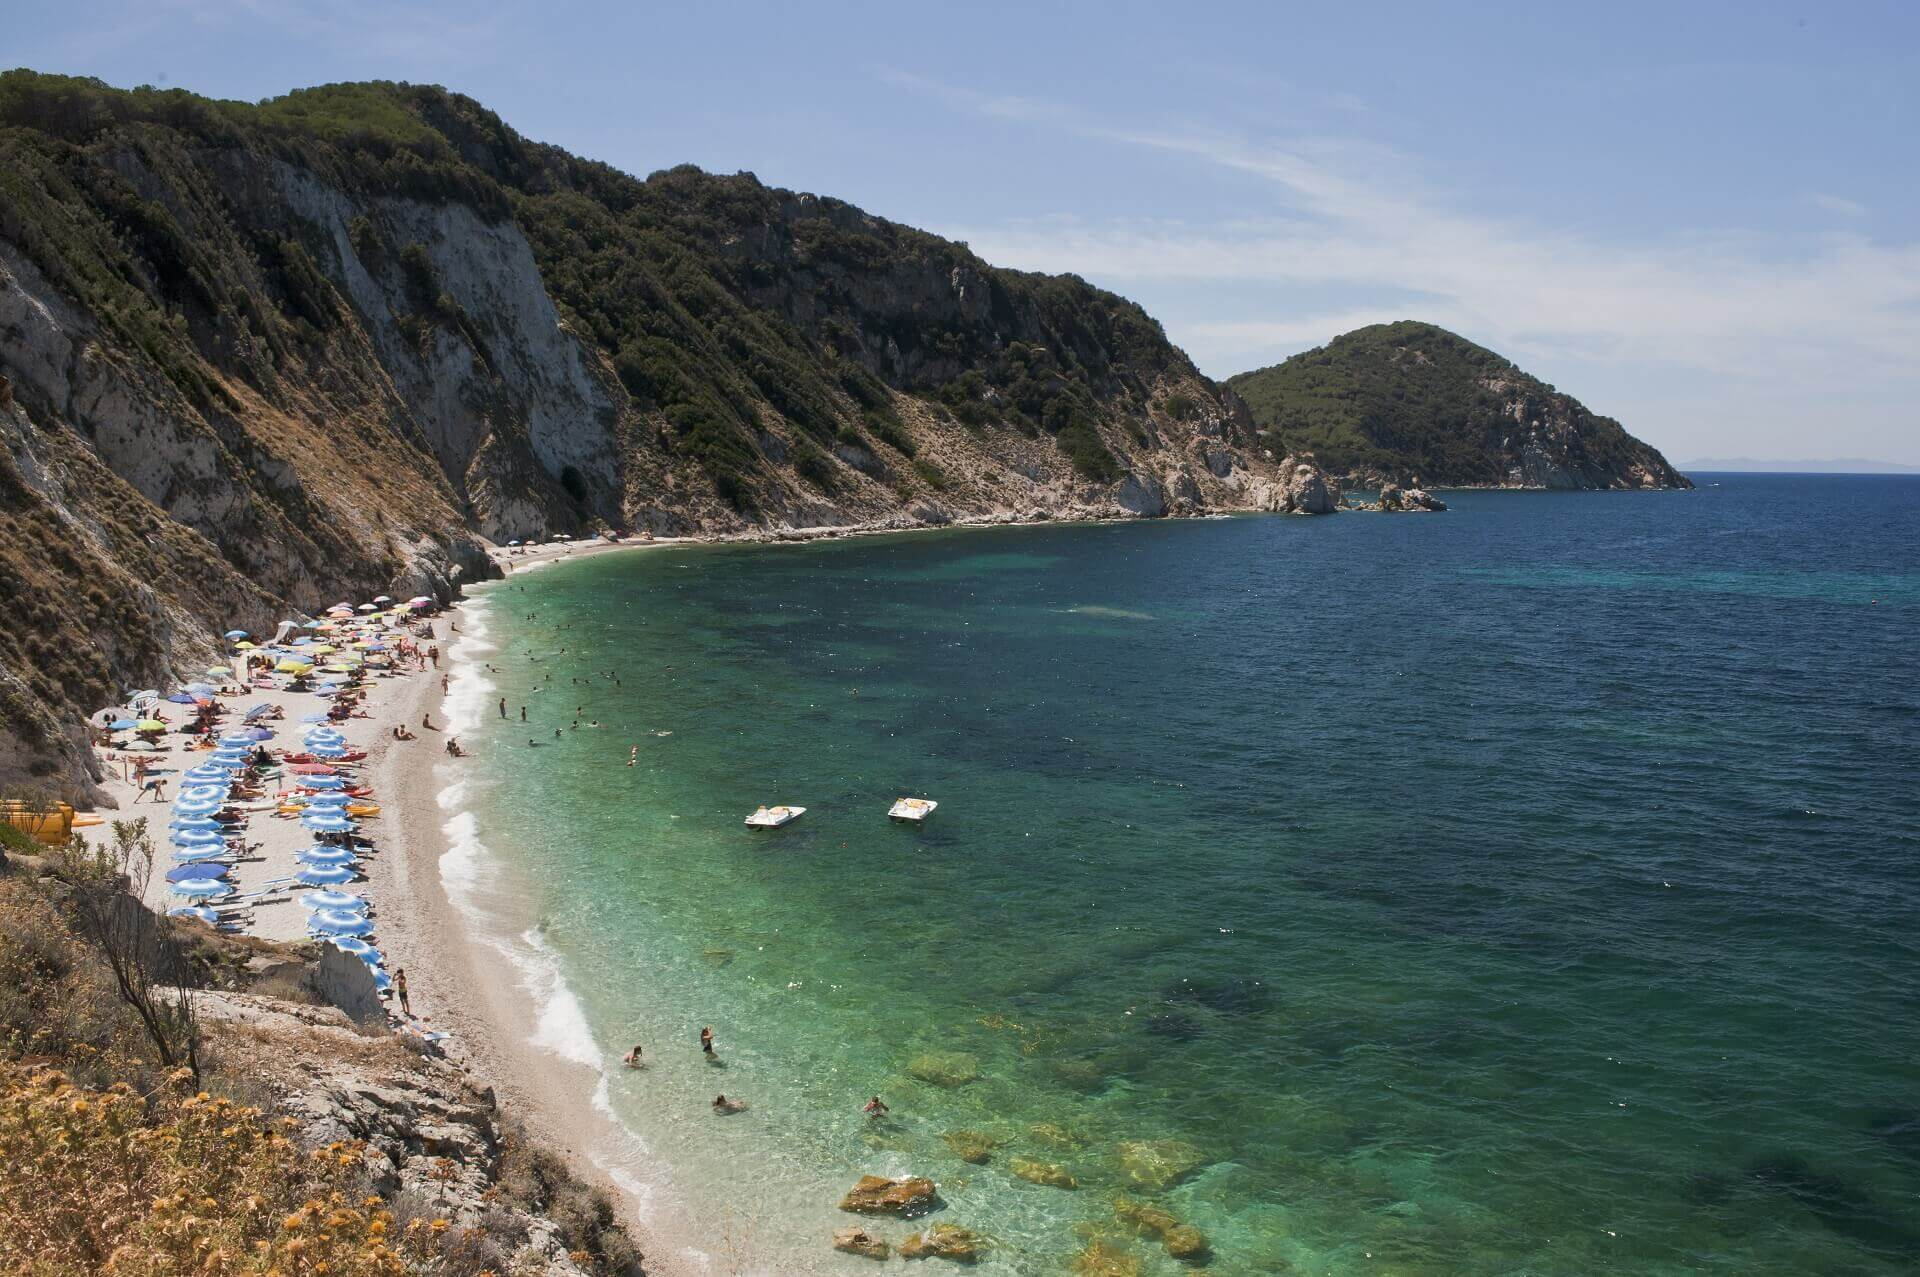 Der Strand von Sansone auf Elba ist gut für eine Erfrischung